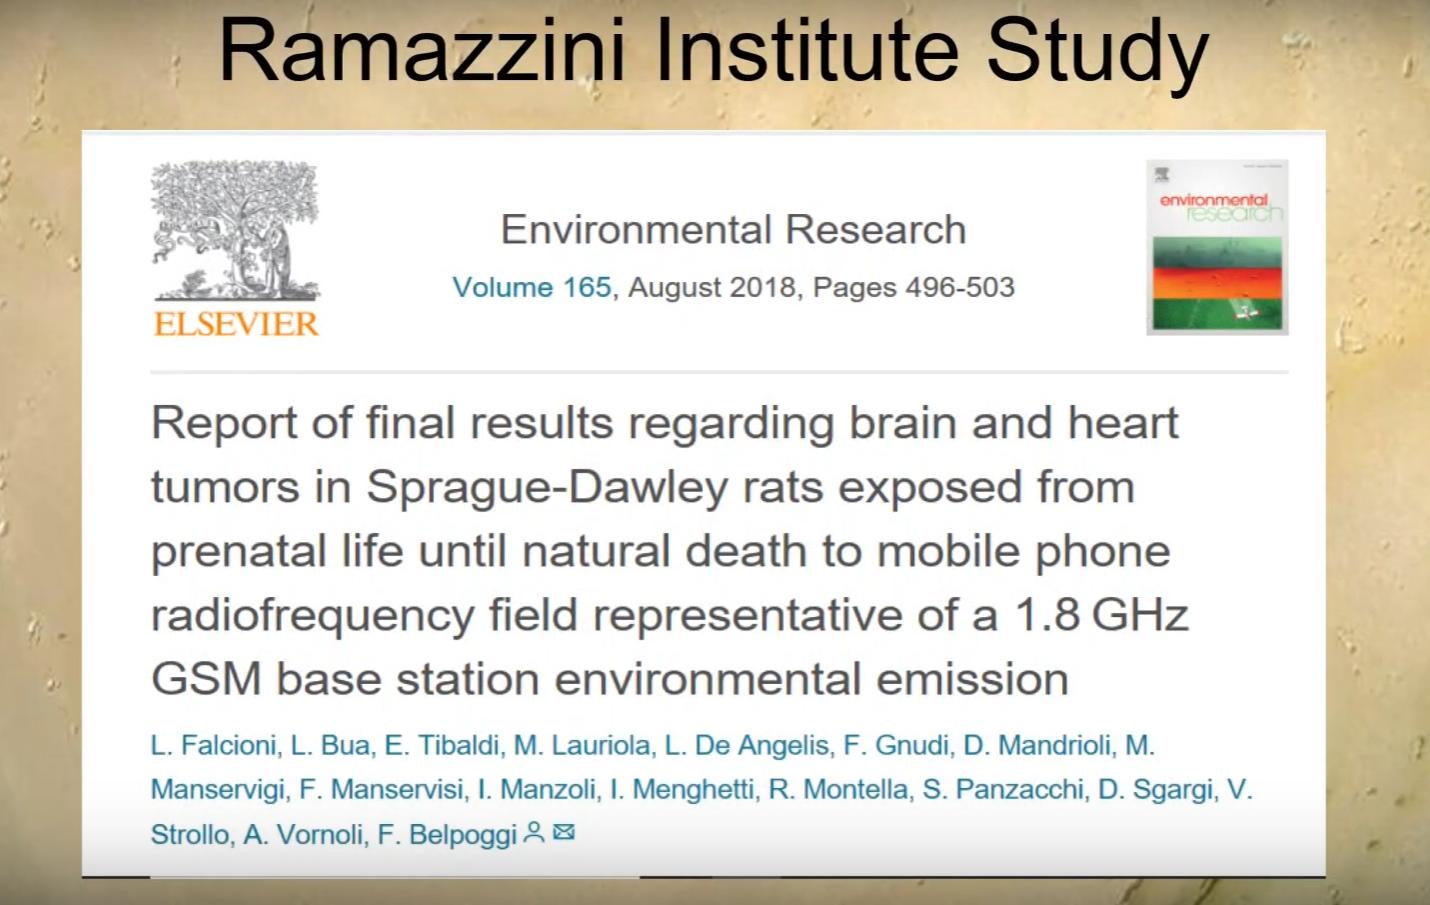 ramazzini institute study